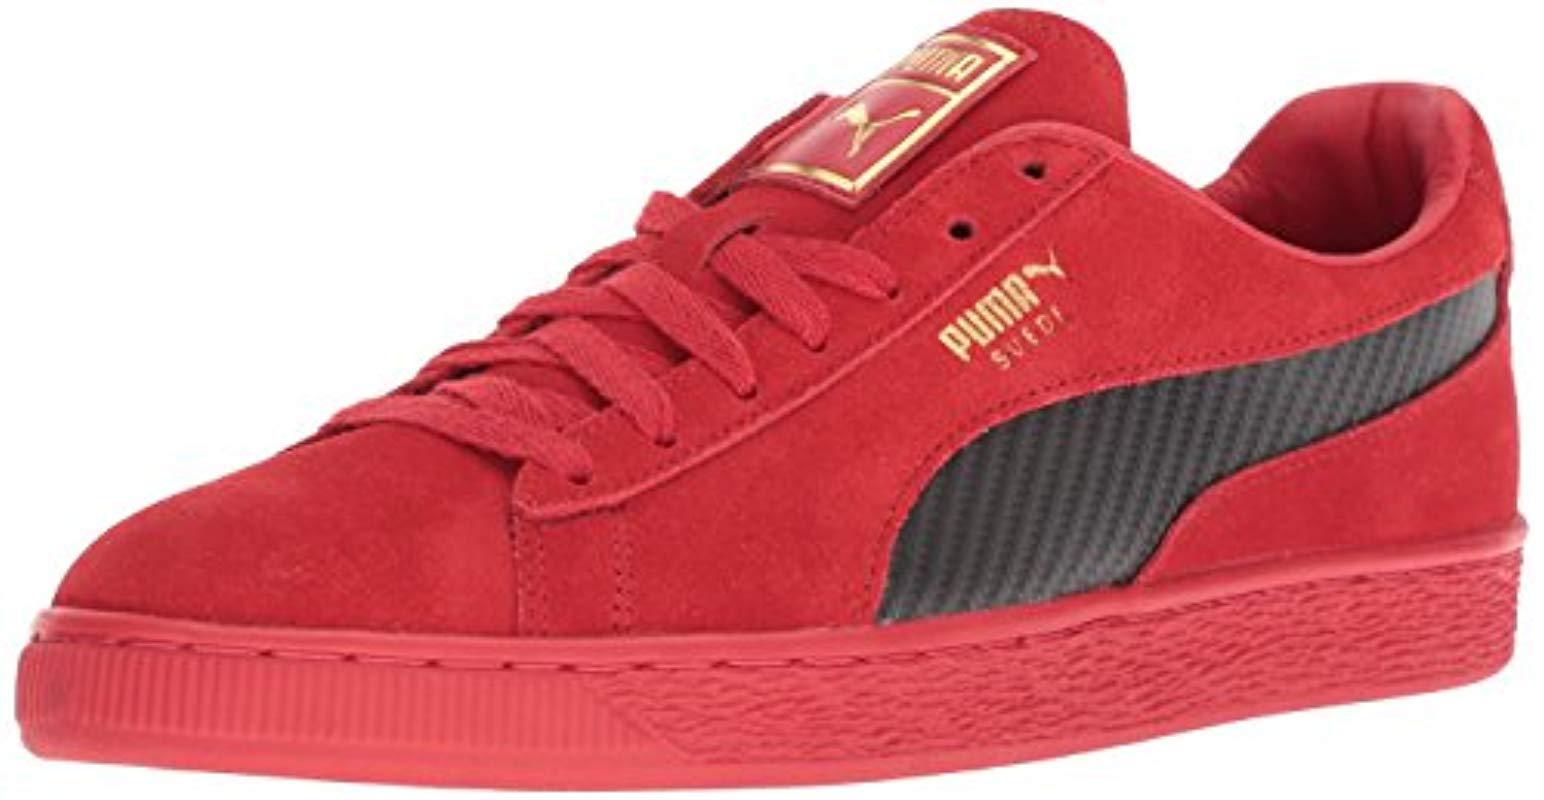 096af997f3 PUMA Ferrari Suede 50 Sneaker in Red for Men - Lyst